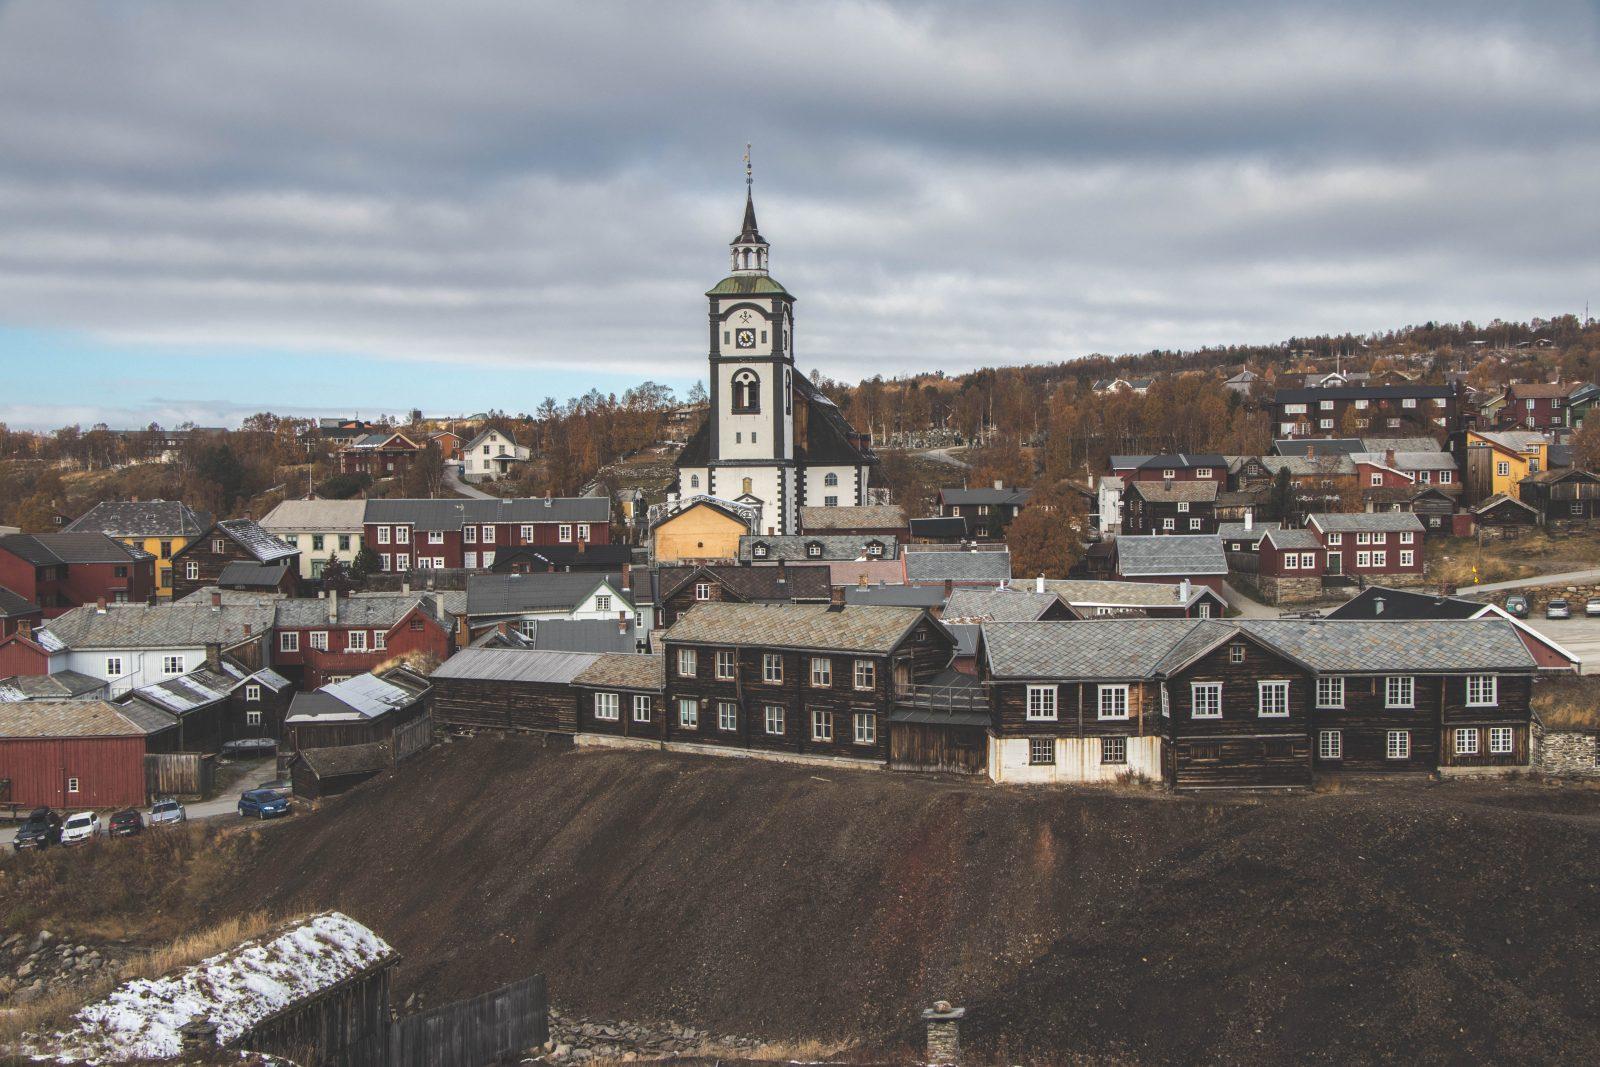 Røros Noorwegen: het pittoreske, oude mijndorp in Noorwegen